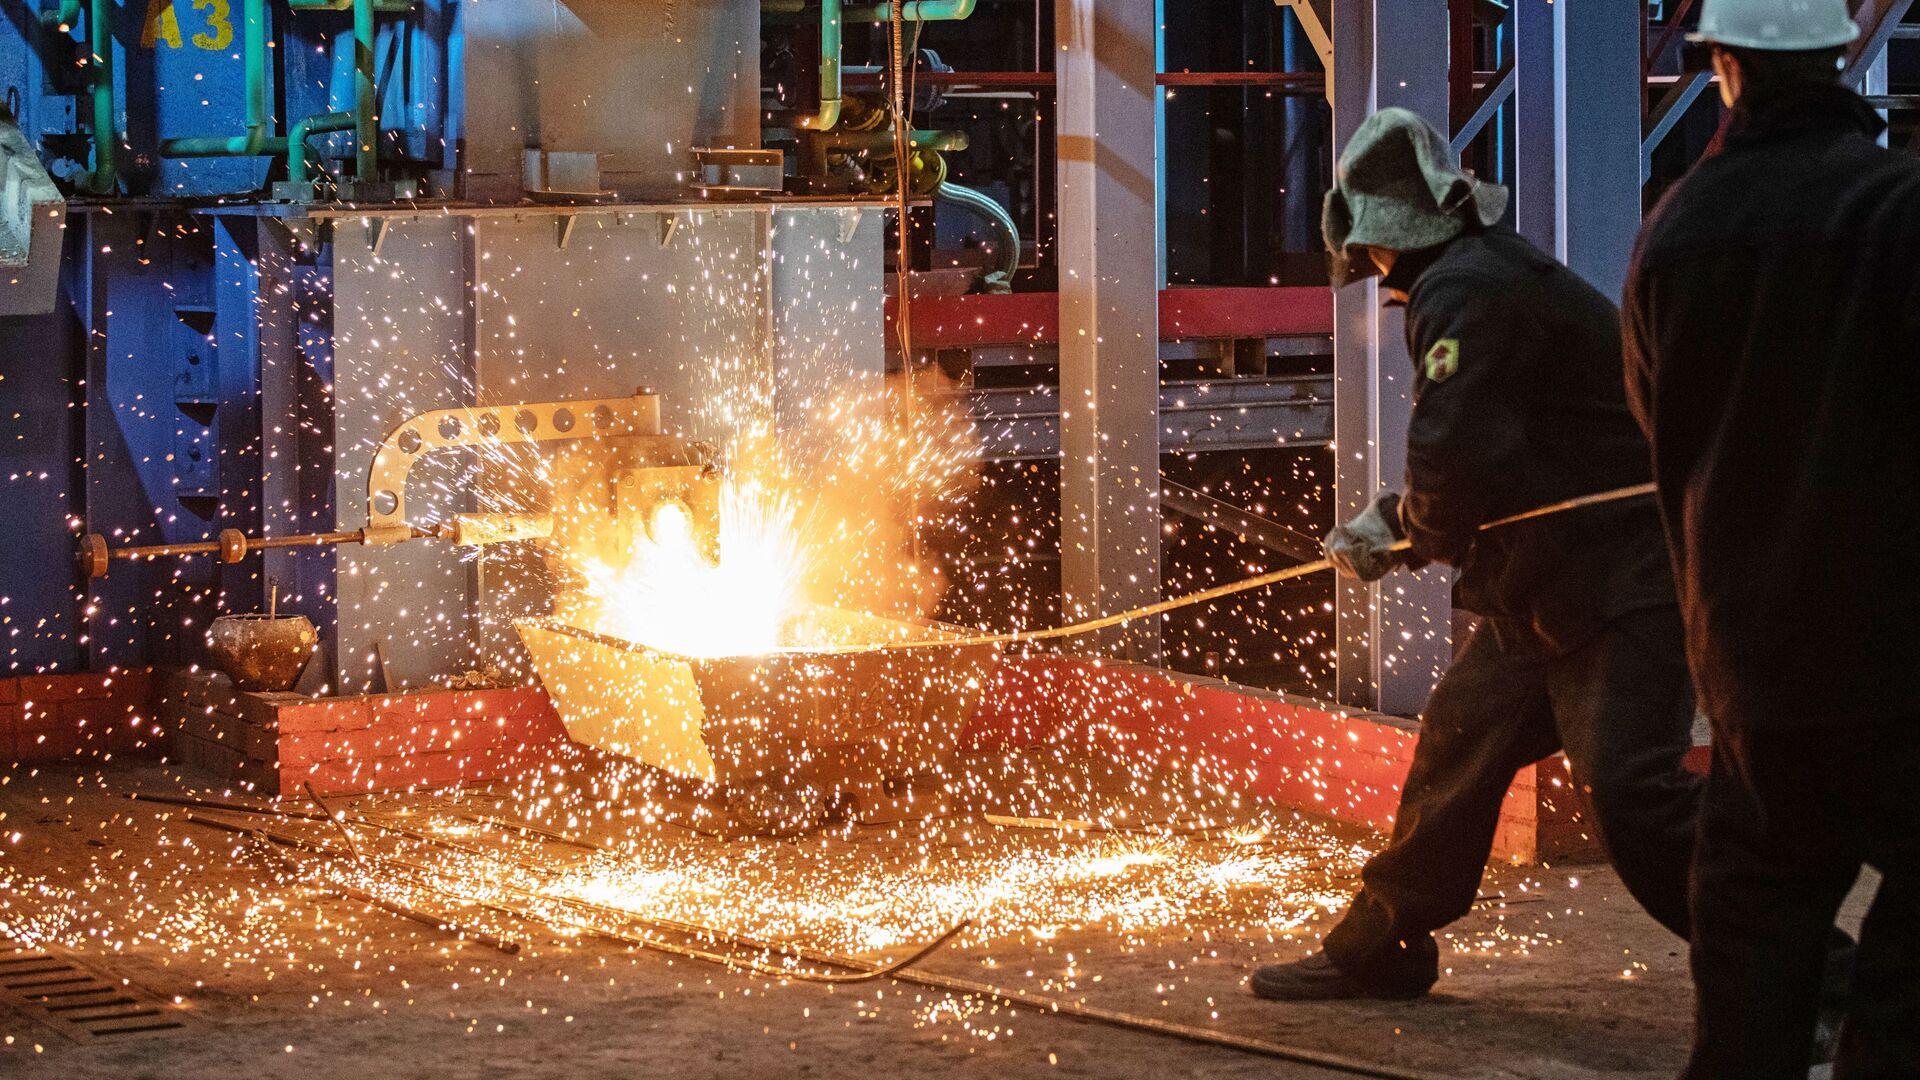 Рабочие у первой пилотной металлургической печи для выплавки чугуна из отходов металлургии в Мценске - РИА Новости, 1920, 22.04.2021